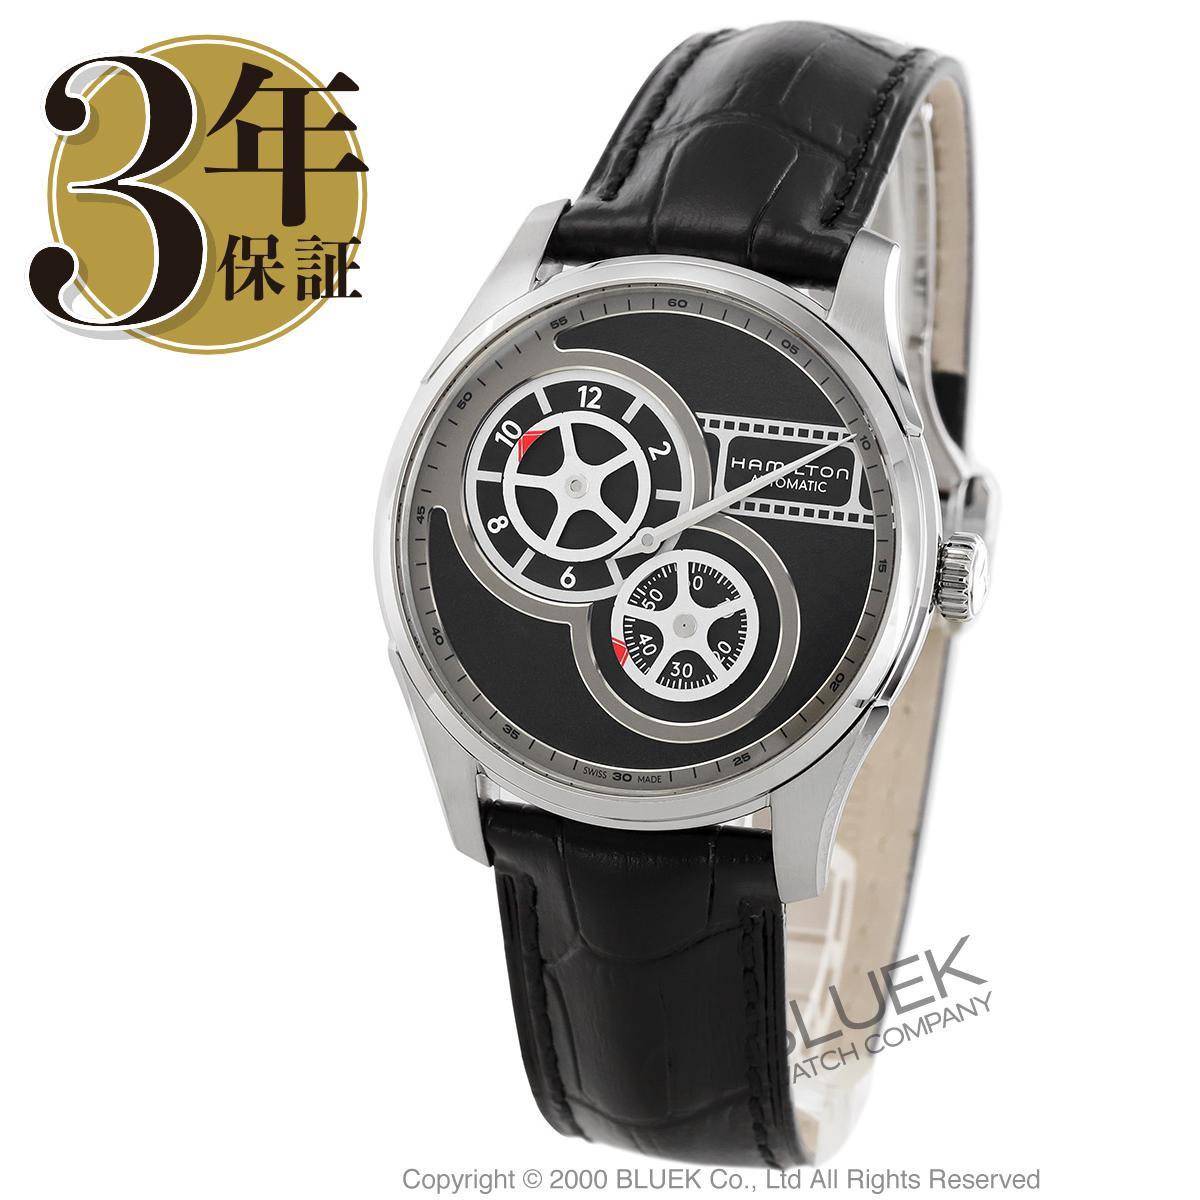 ハミルトン ジャズマスター レギュレーター シネマ 世界限定500本 腕時計 メンズ HAMILTON H42605731_3